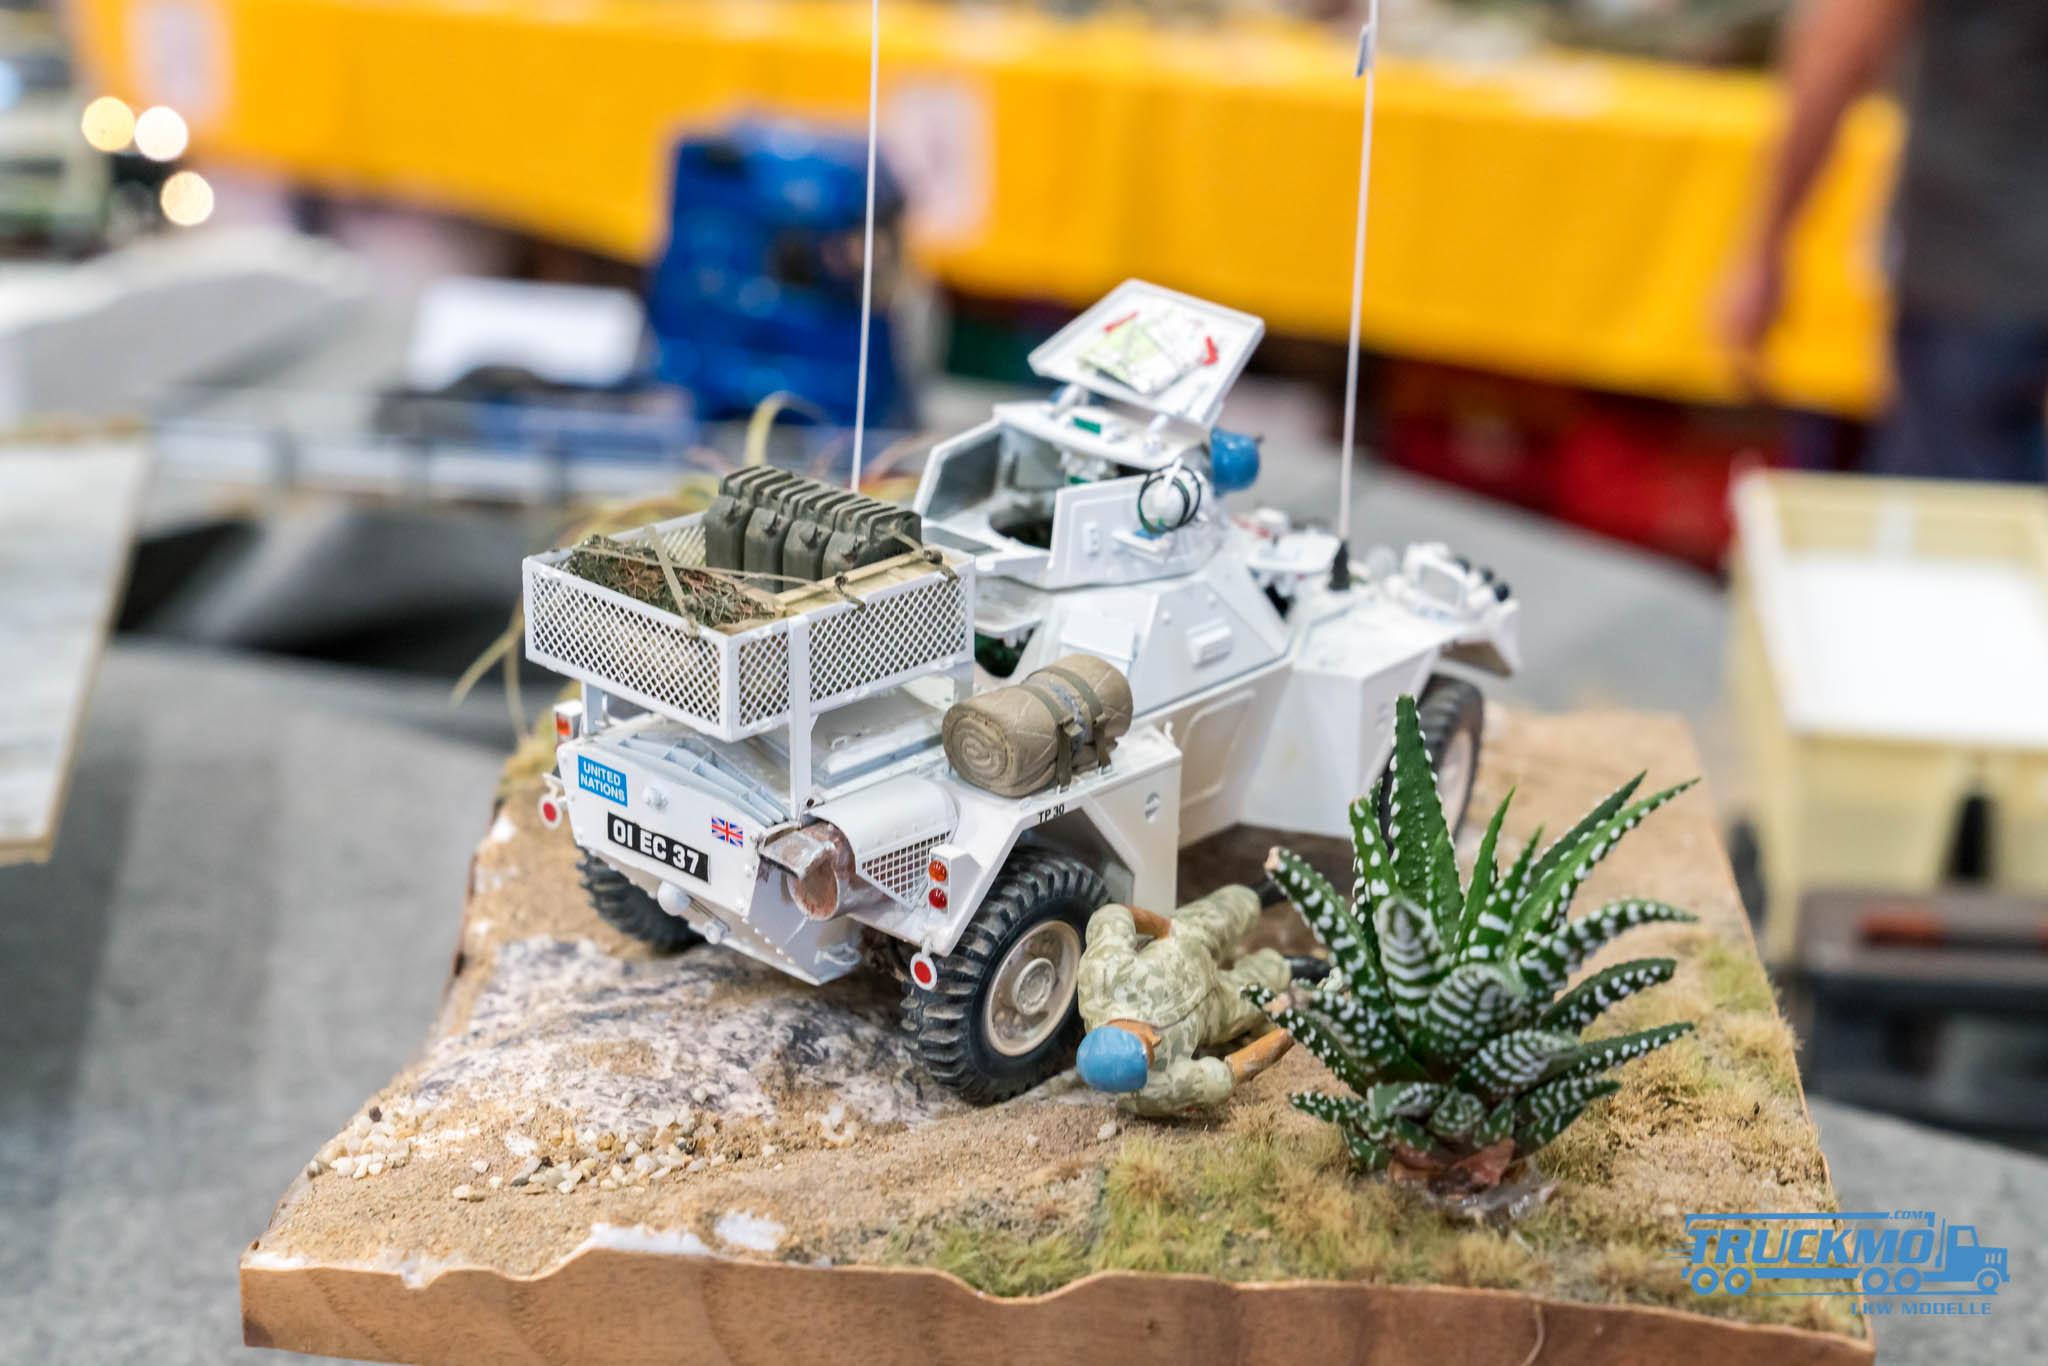 Truckmo_Modellbau_Ried_2017_Herpa_Messe_Modellbauausstellung (440 von 1177)